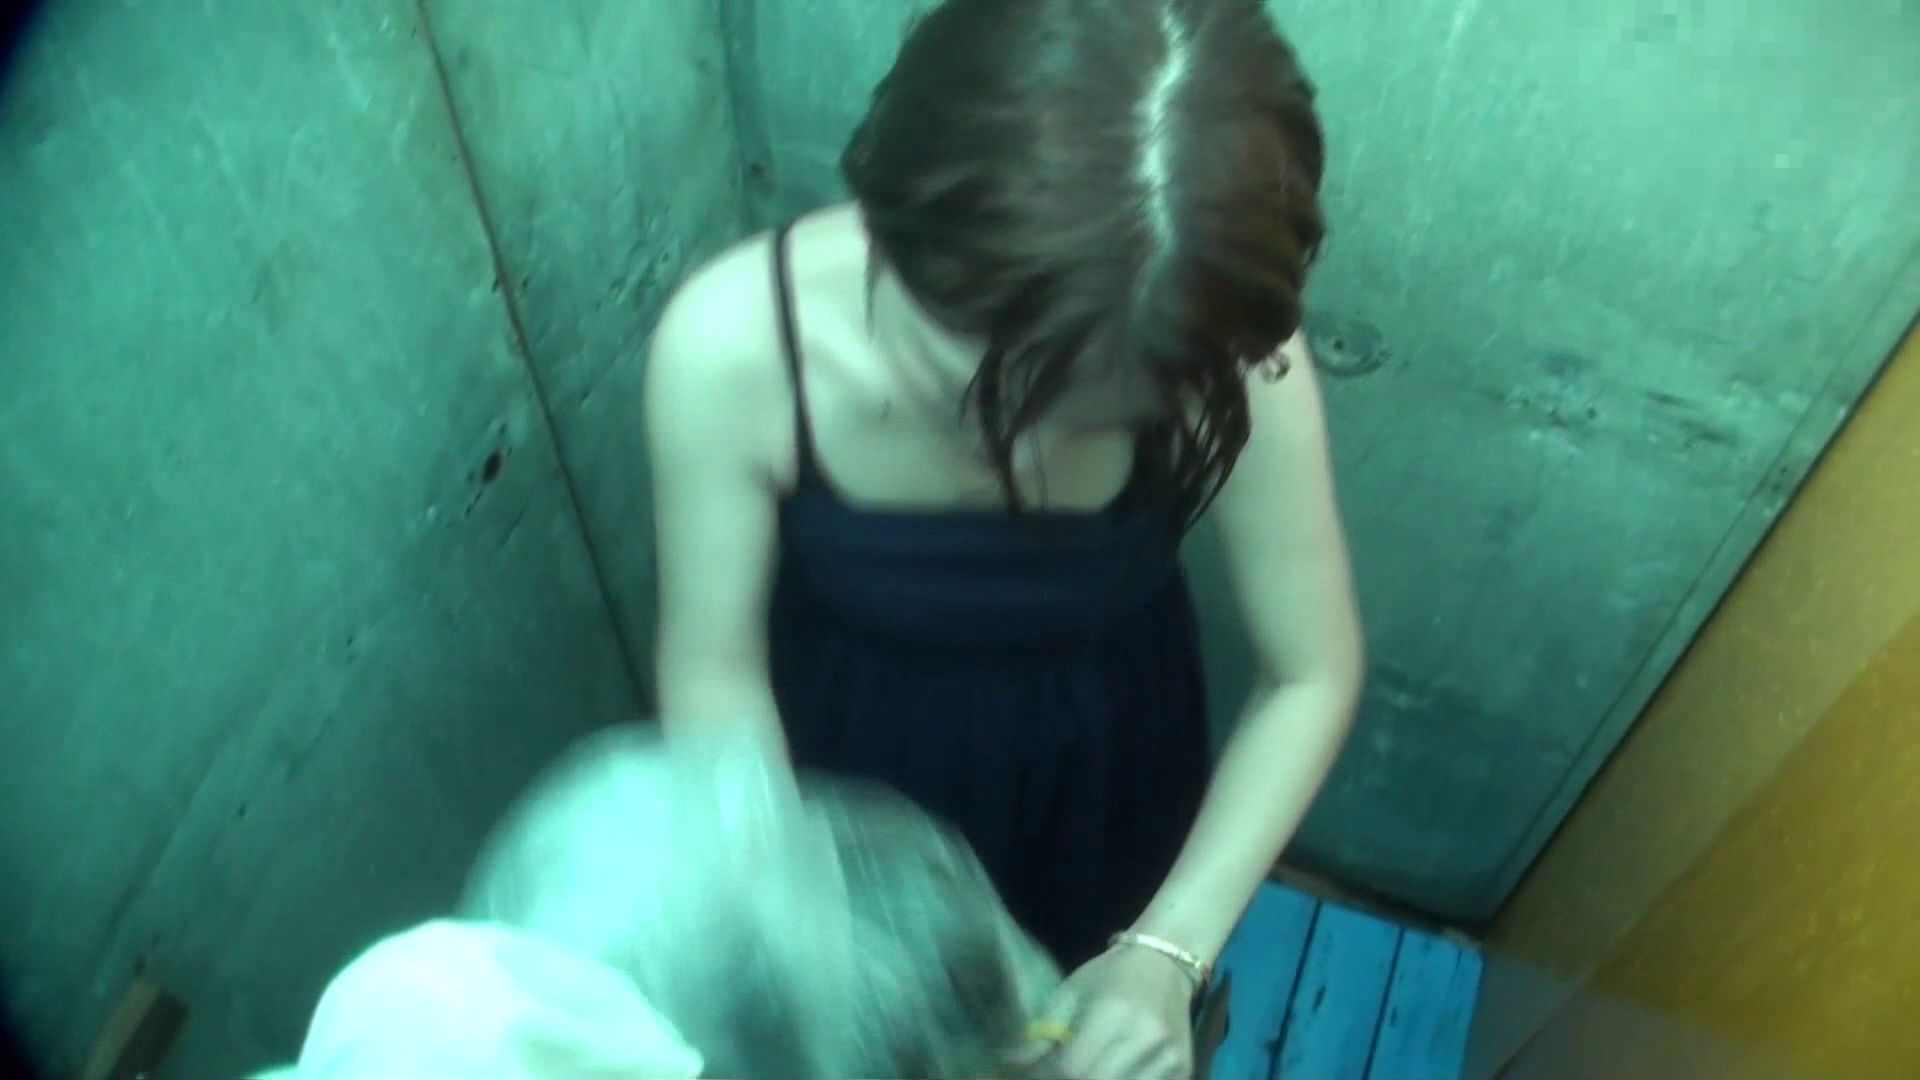 シャワールームは超!!危険な香りVol.12 女性のおまんこには予想外の砂が混入しているようです。 高画質 性交動画流出 101pic 23